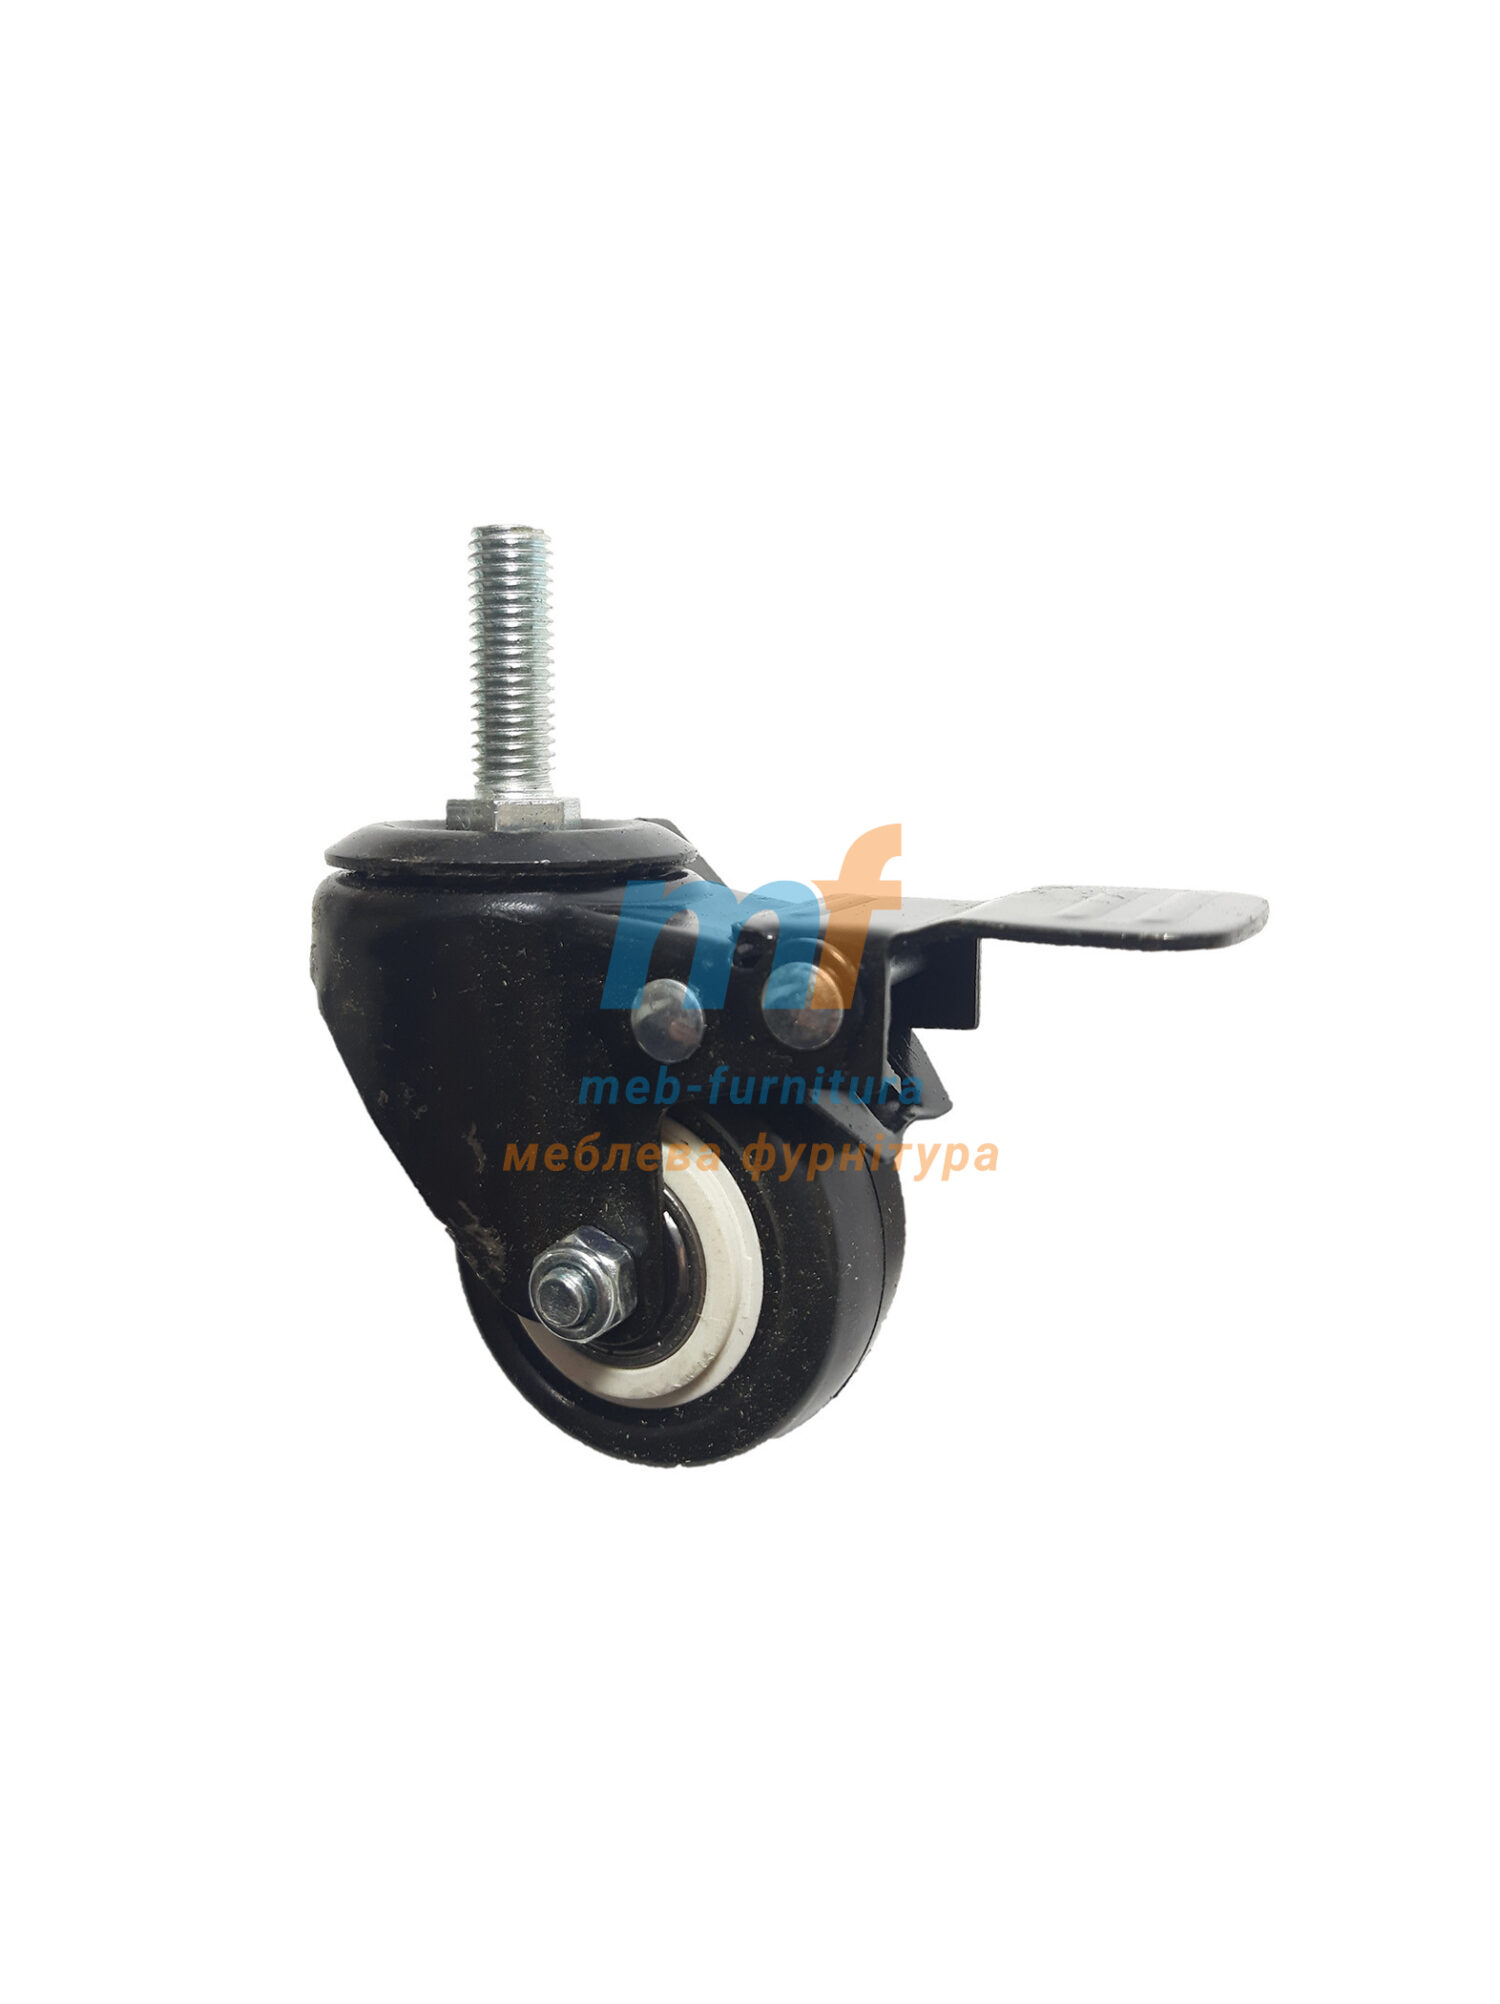 Колесо резина с резьбой М10 с фиксатором 50мм (3-001)